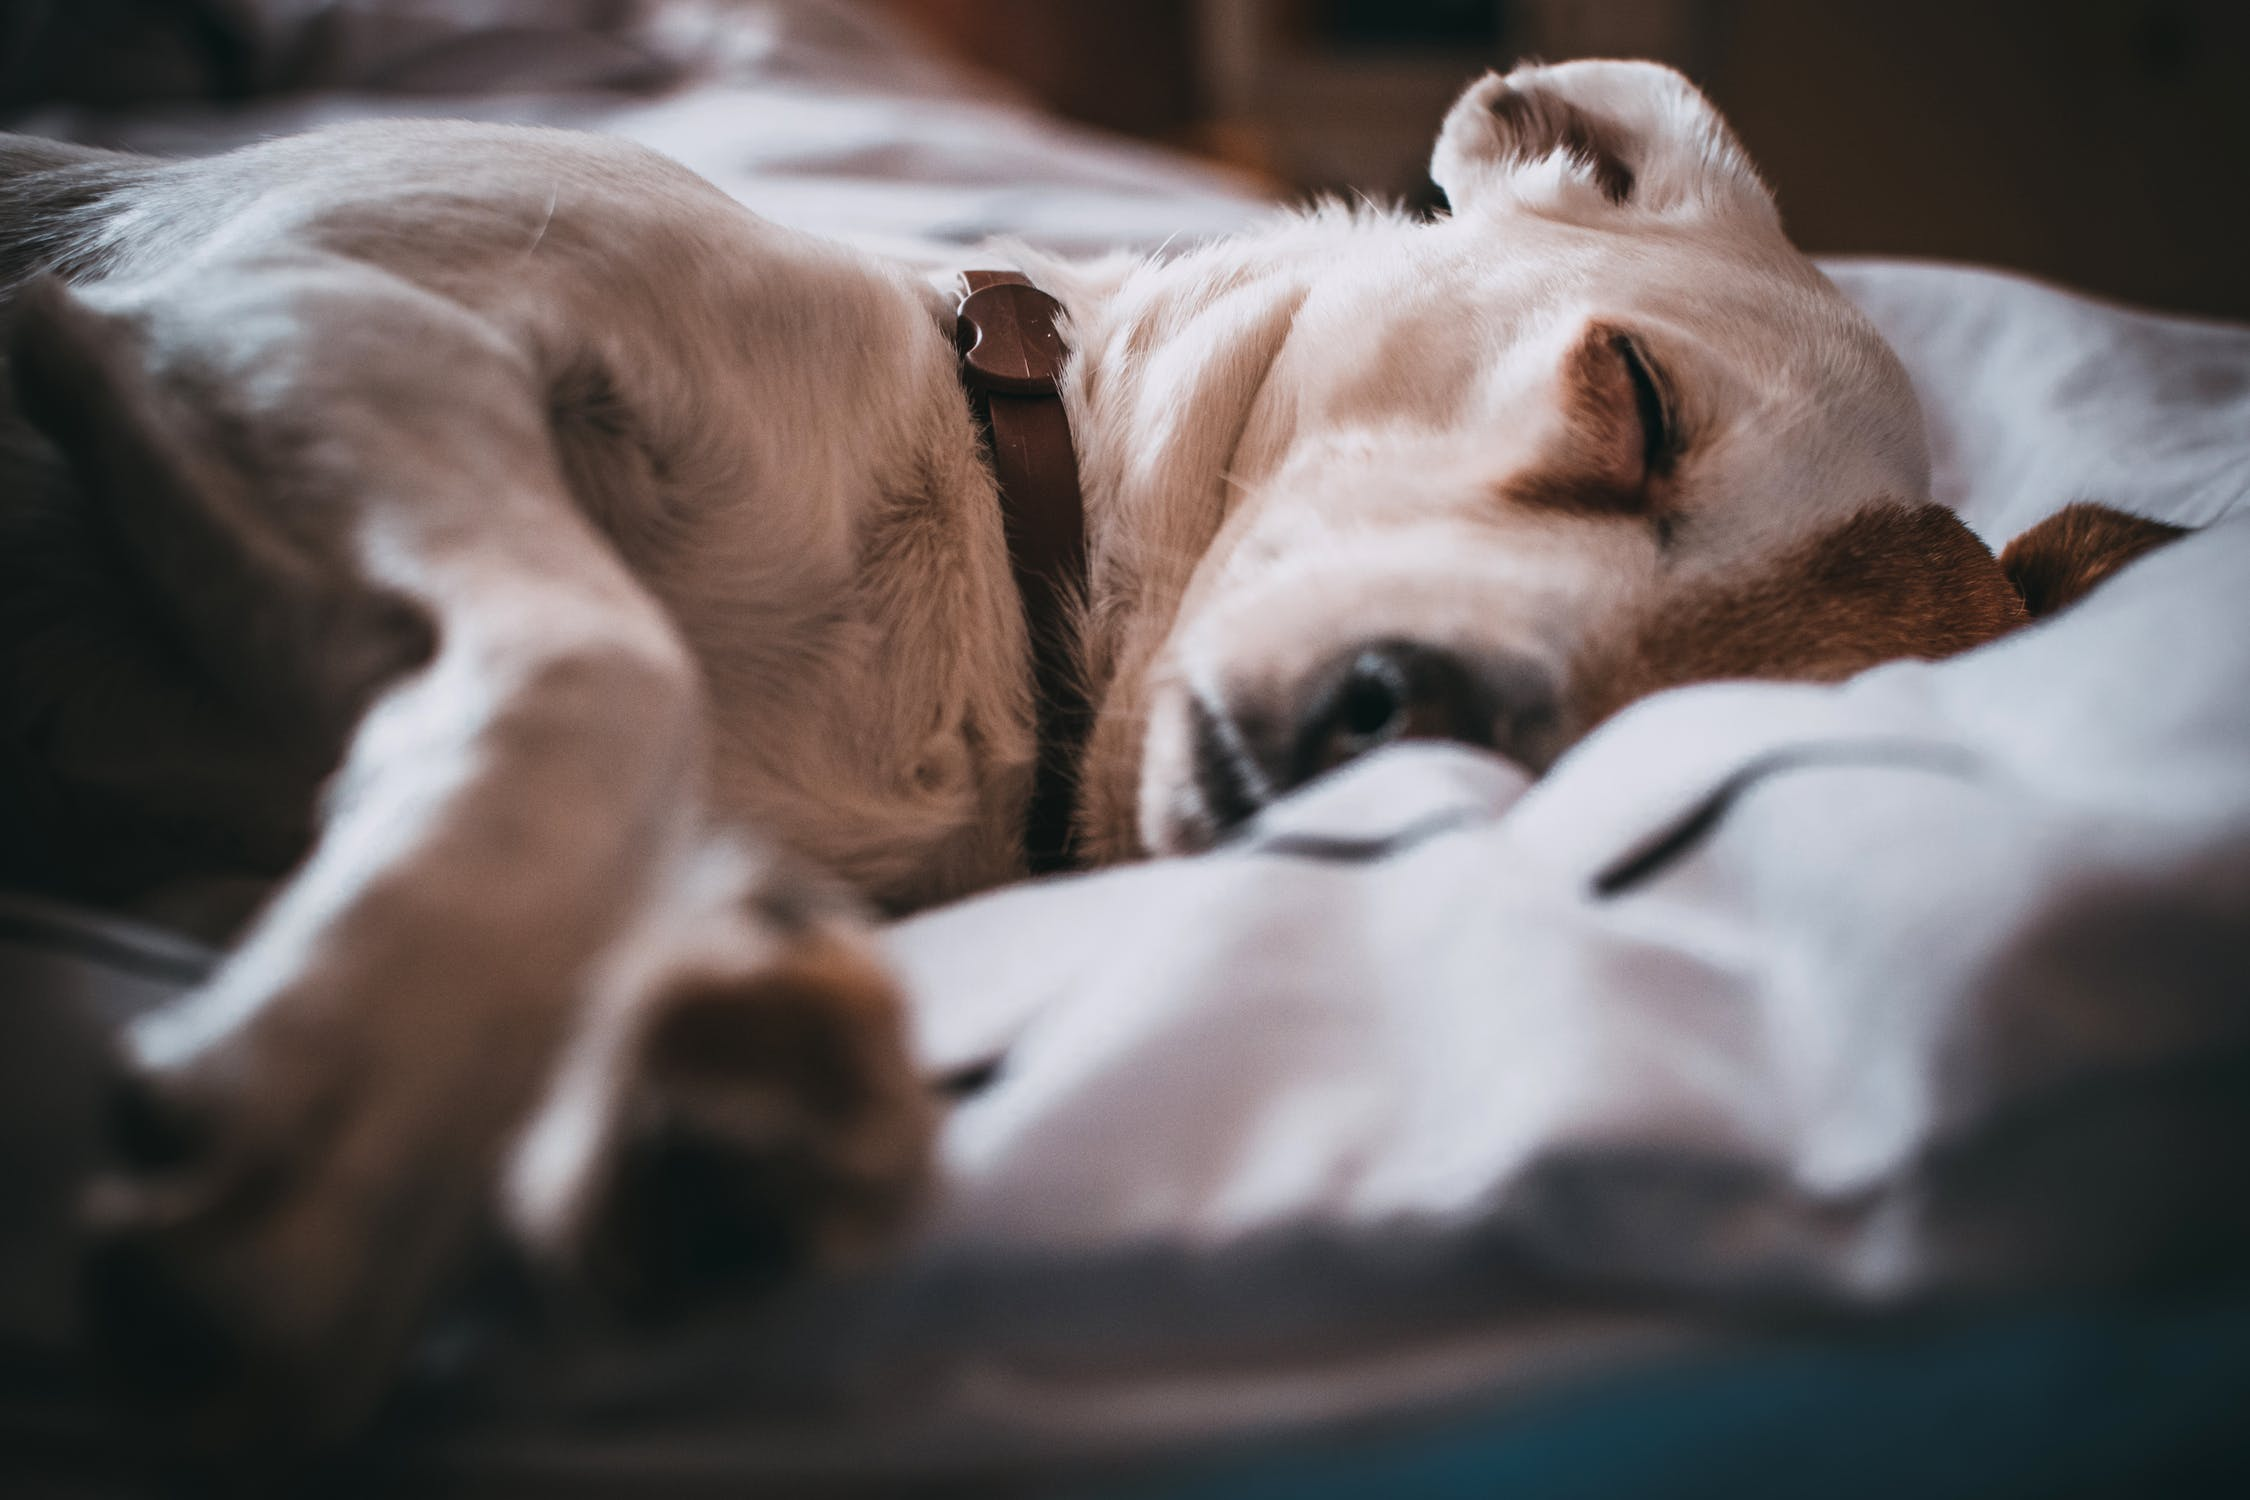 Faste regler er vigtige for kæledyr